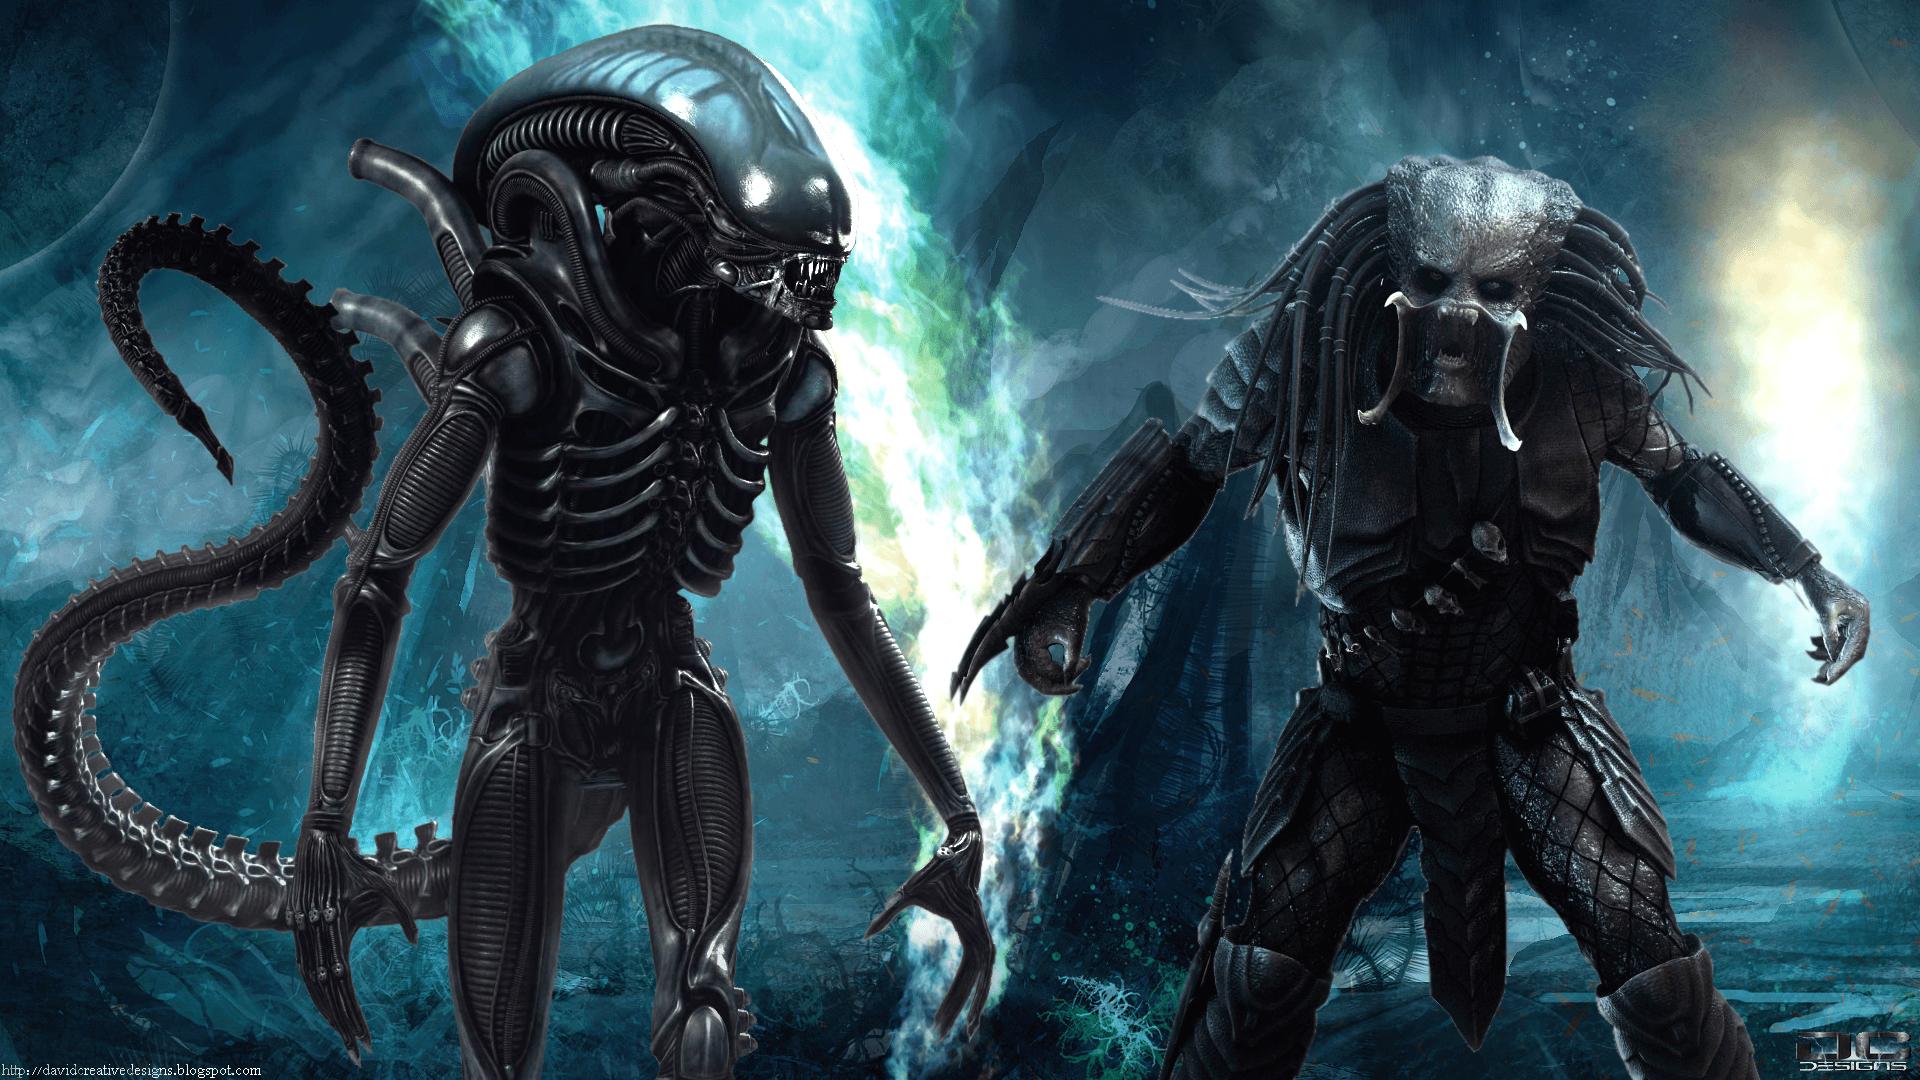 alien vs predator 3 full movie viooz